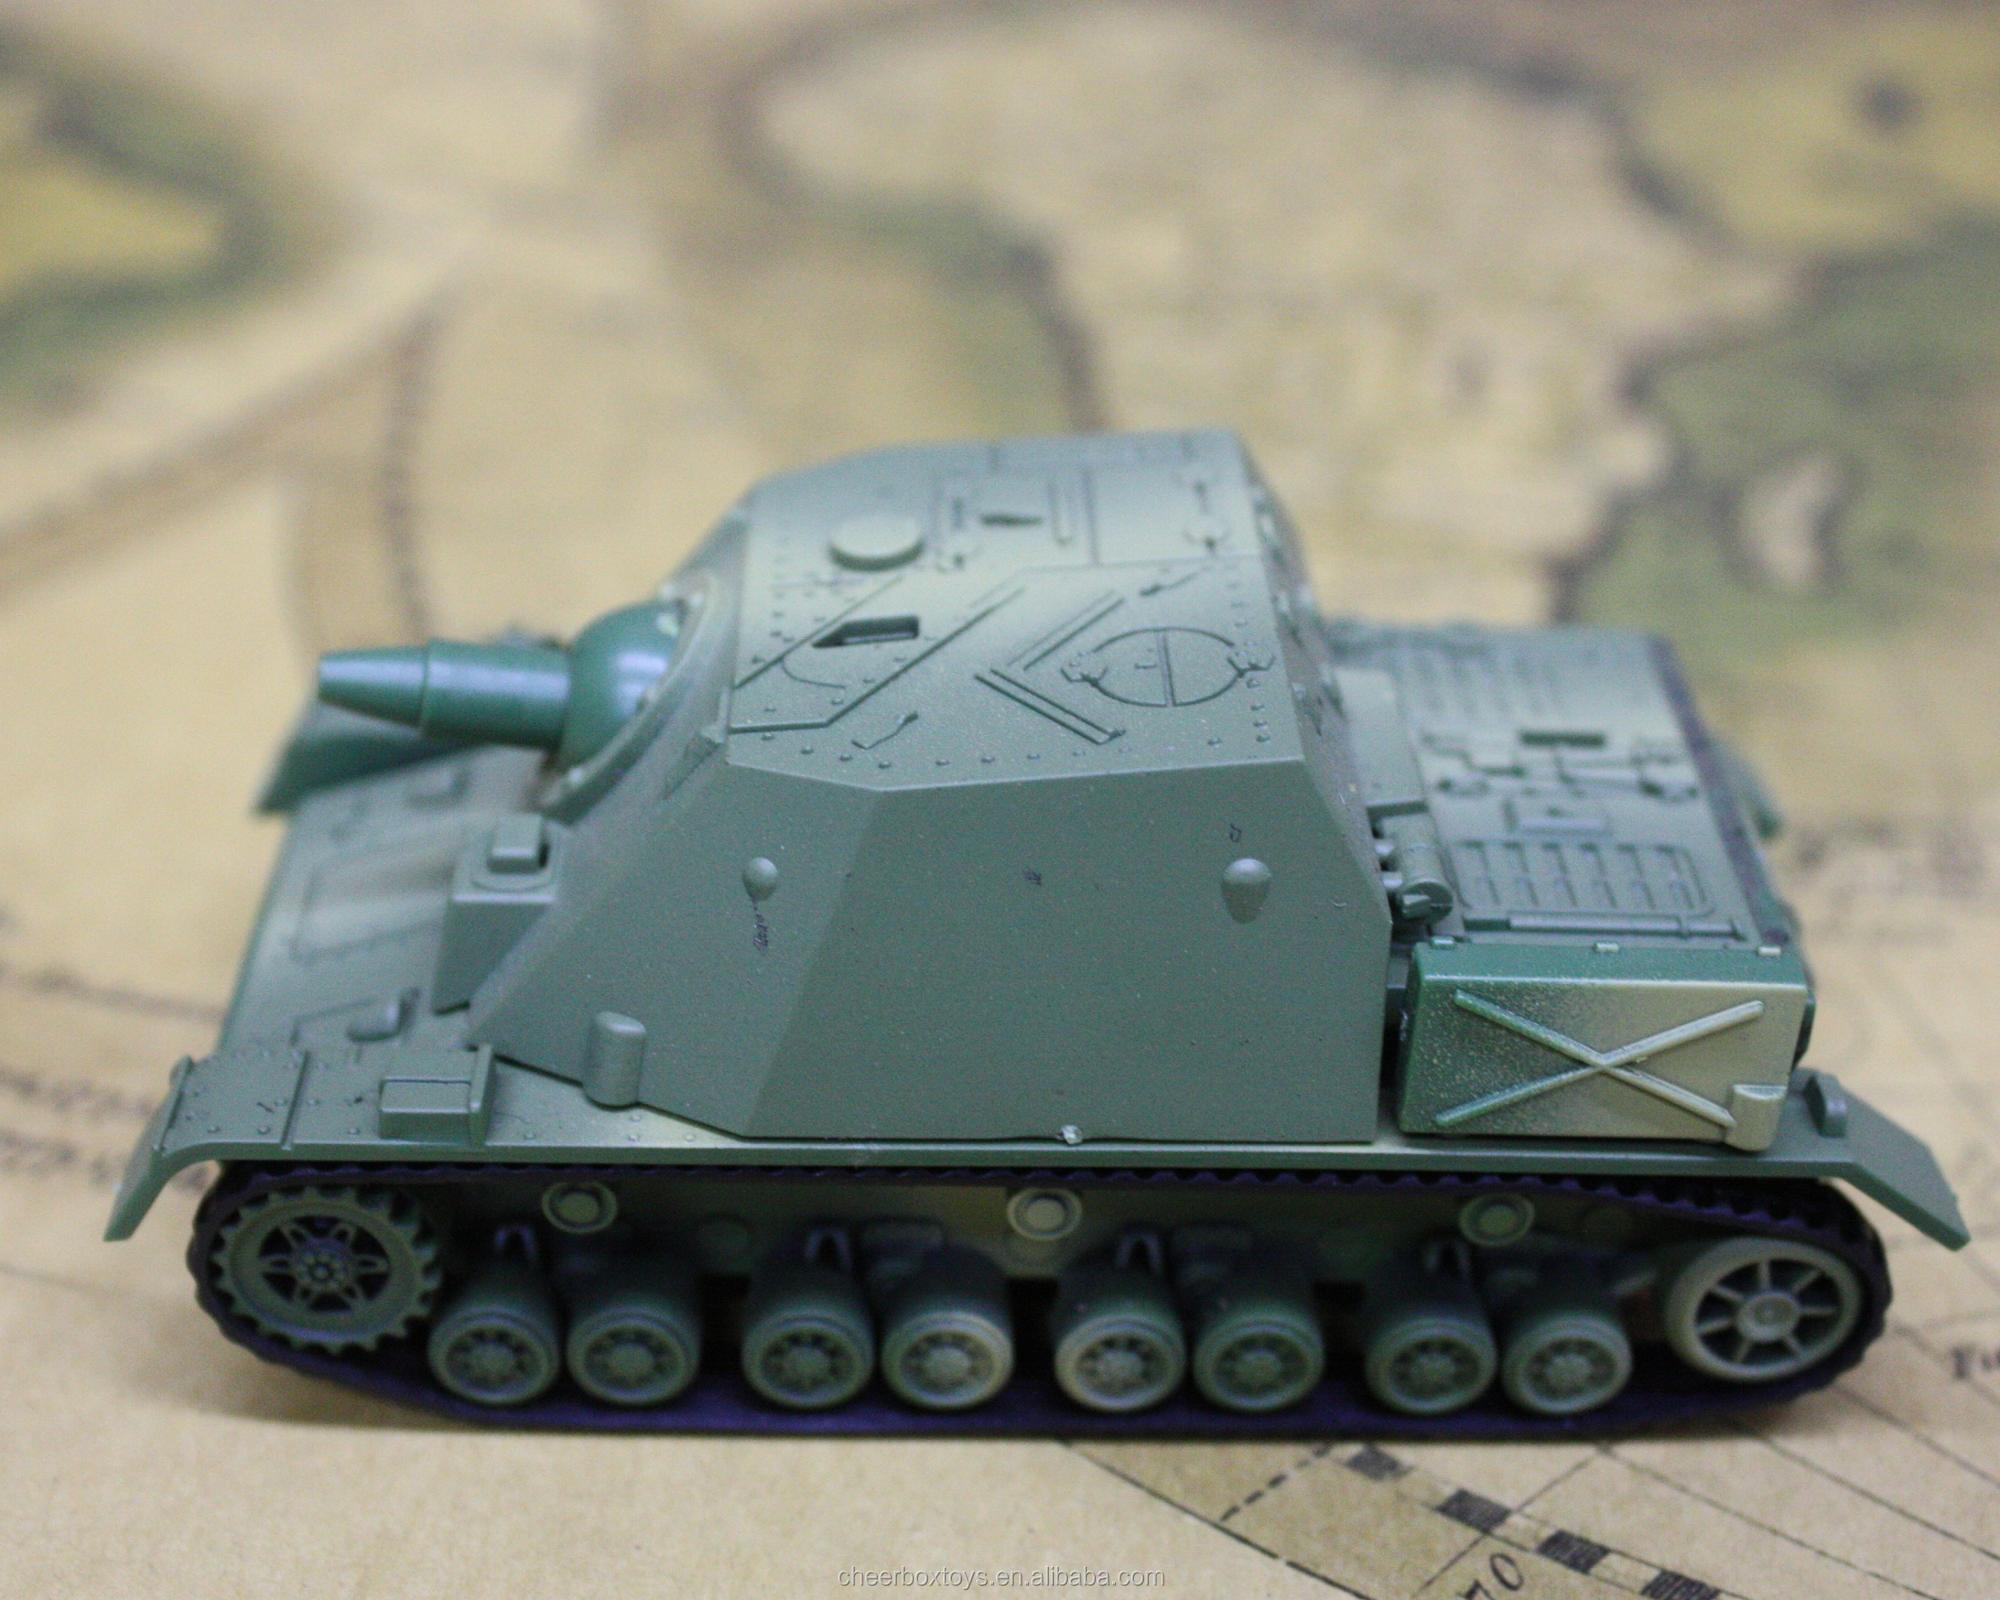 это то, как правильно сфотографировать модель танка поможем